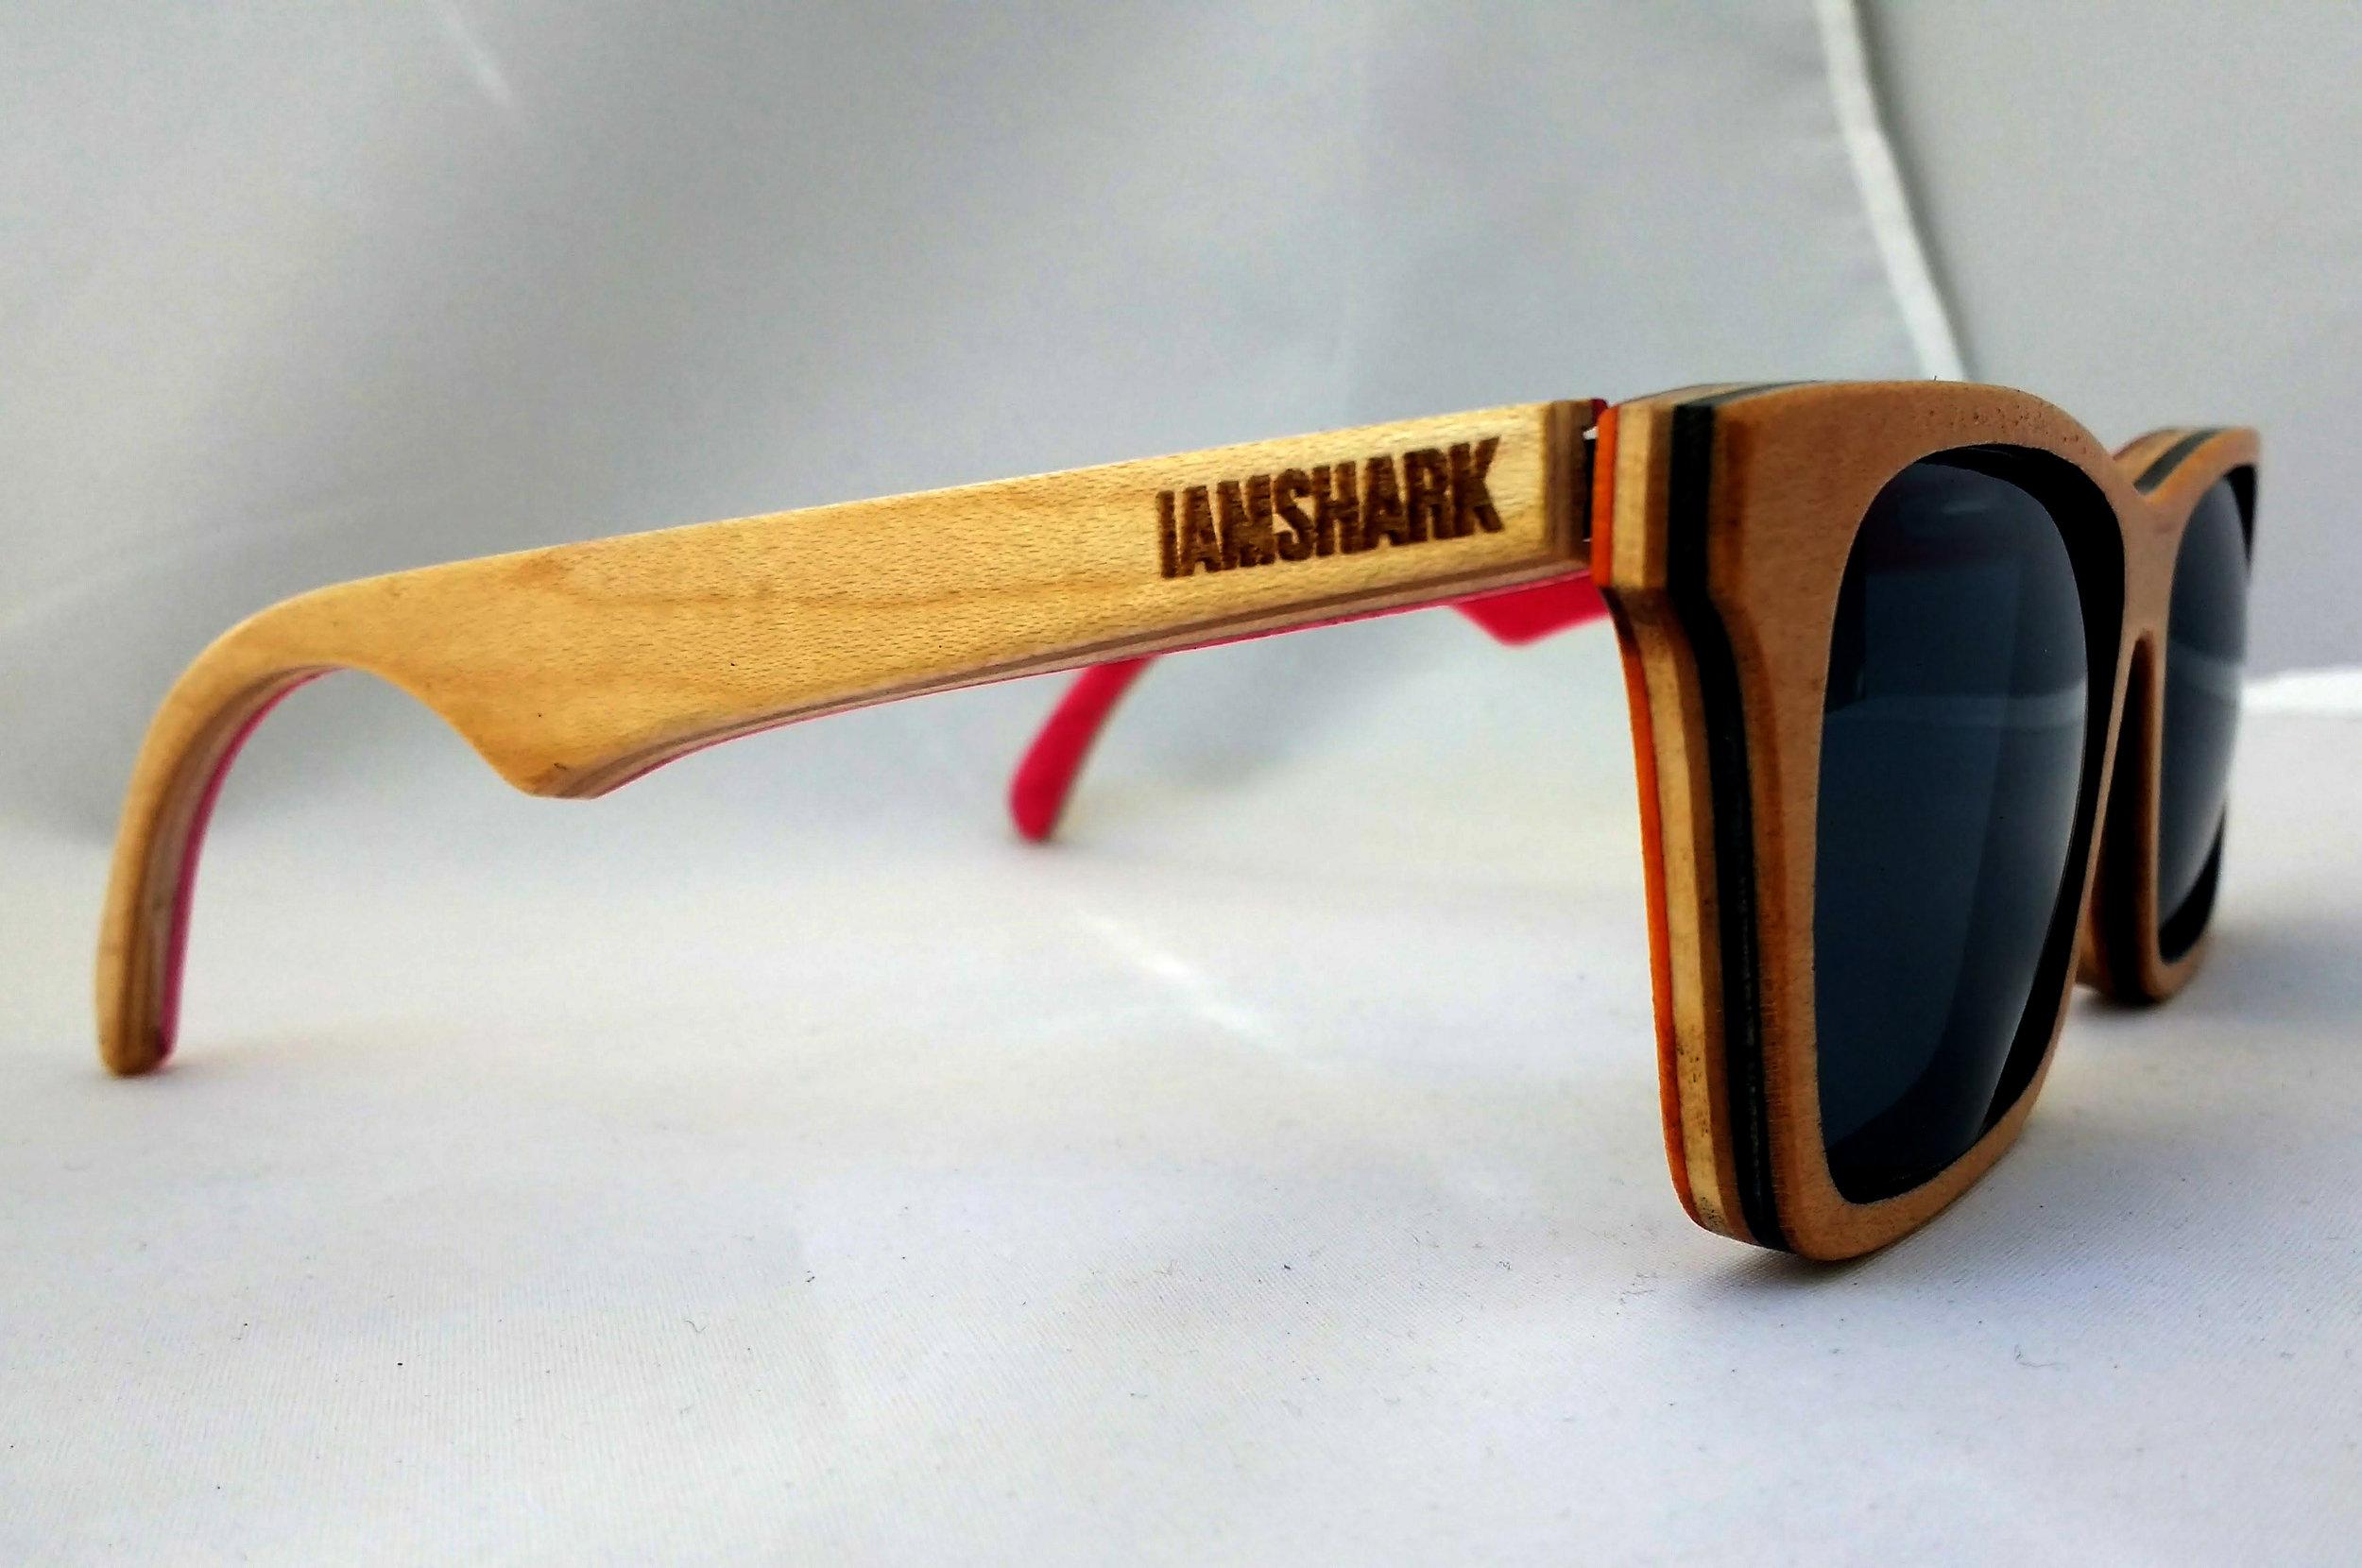 Acer SK8Glasses™ - Natural - IAMSHARK - v1.jpg